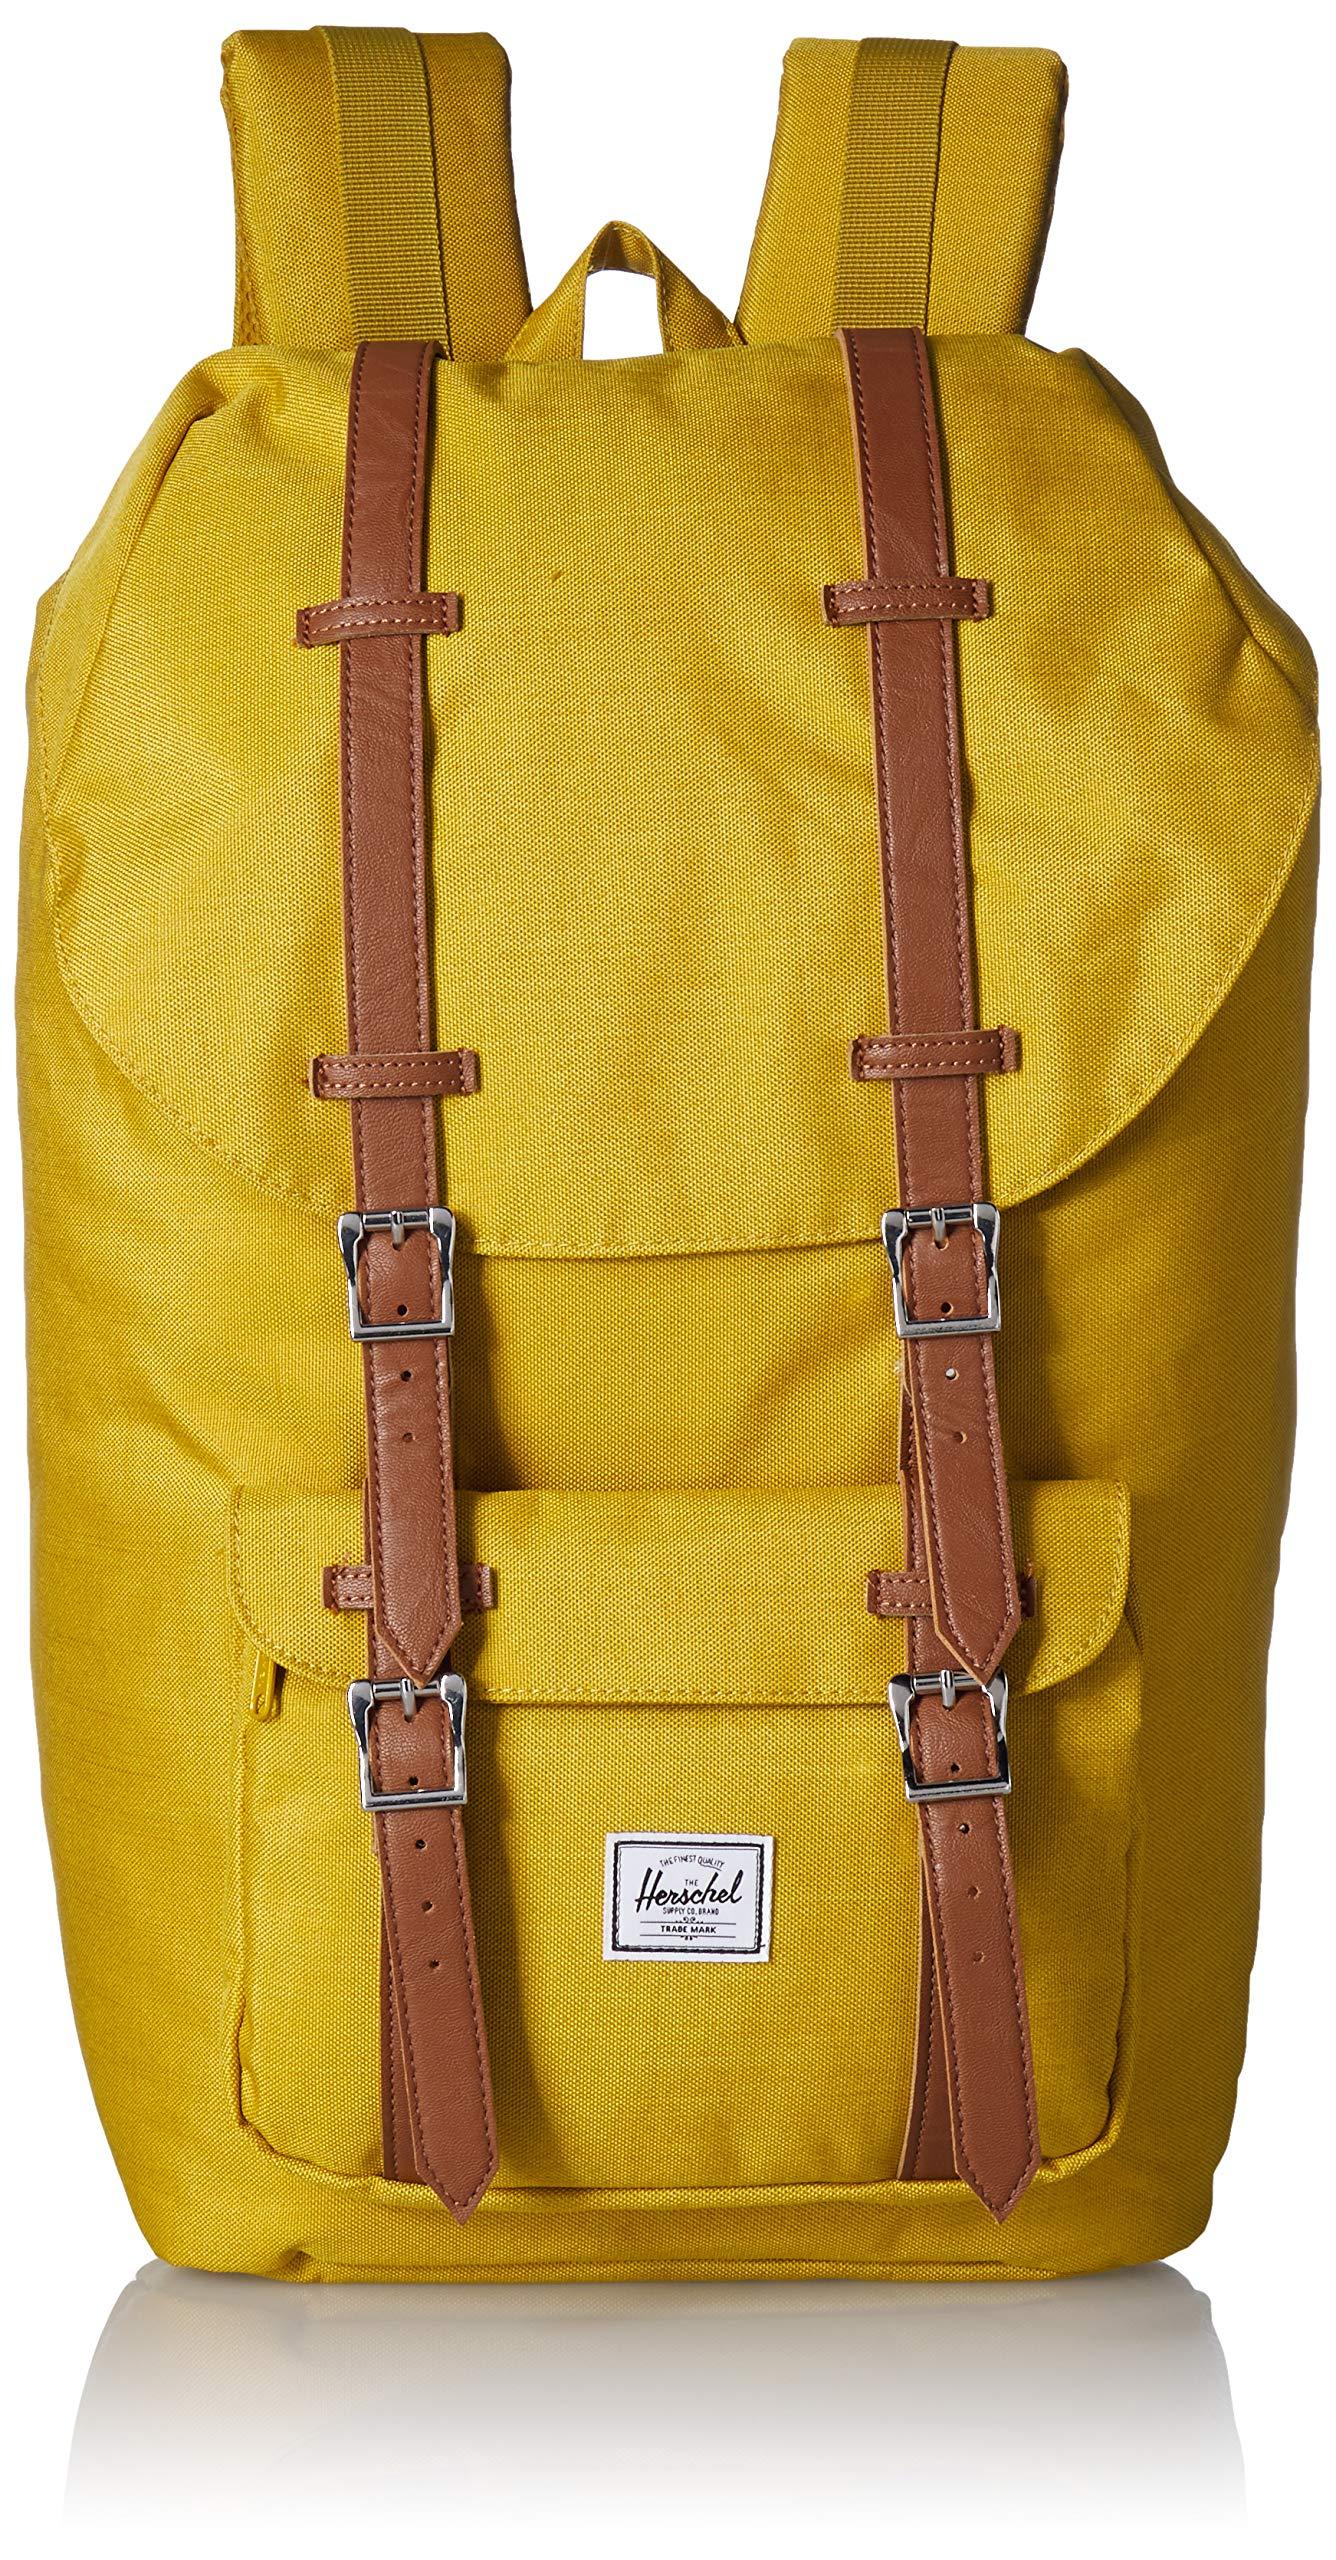 Herschel Little America Backpack, Arrowwood Crosshatch, One Size by Herschel